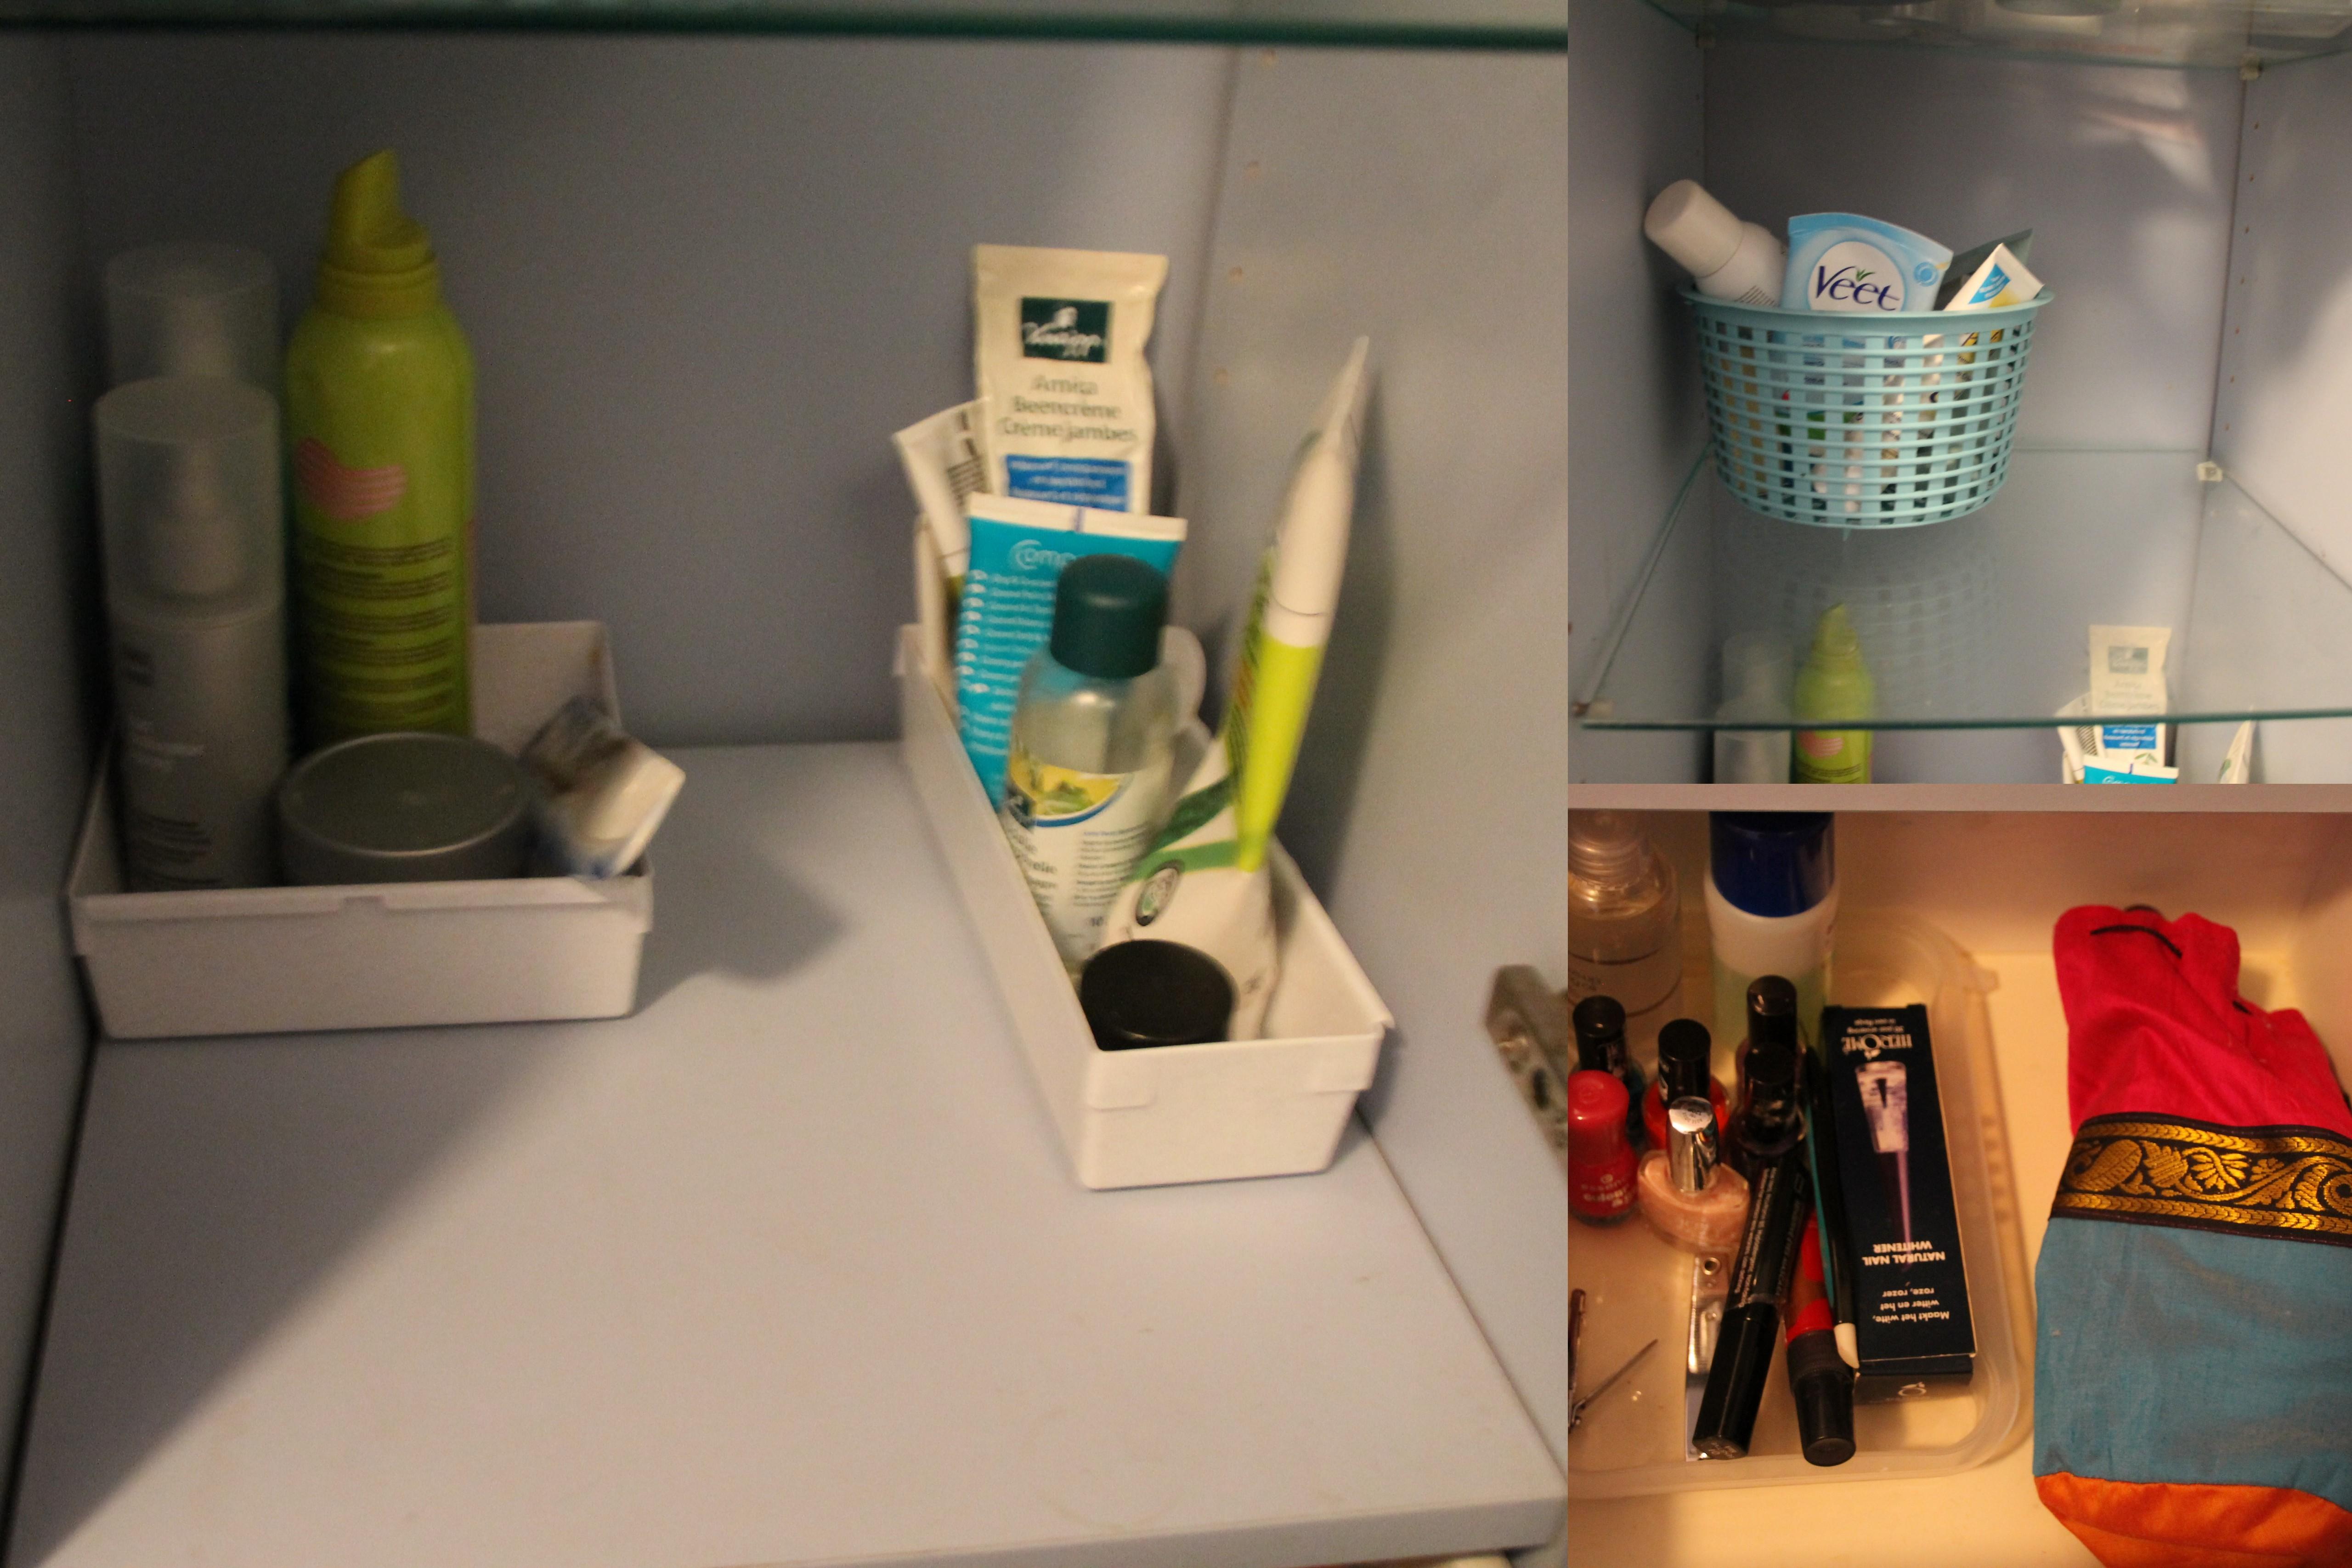 Badkamer Plankje : ... plankje boven de wastafel. Extra voorraad ...